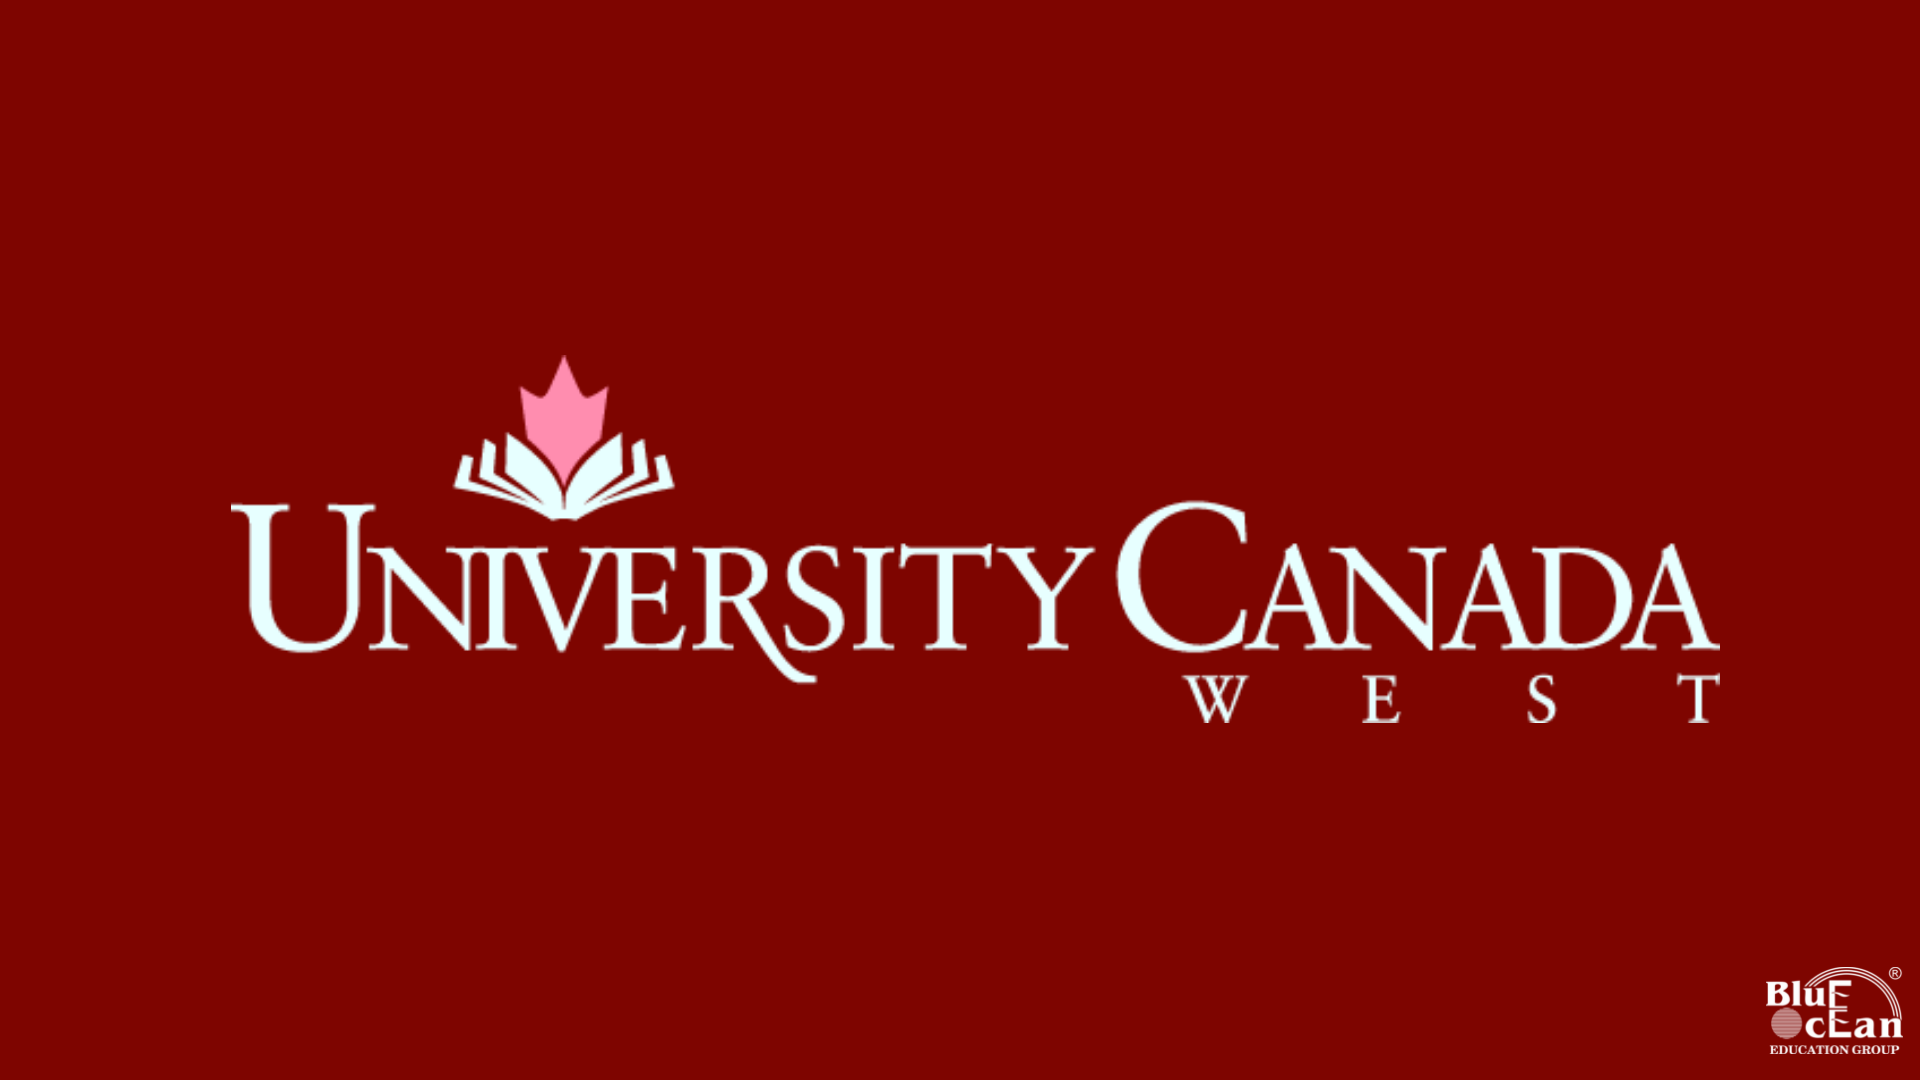 DU HỌC CANADA CHI PHÍ RẺ - CHẤT LƯỢNG TỐT TẠI UNIVERSITY CANADA WEST